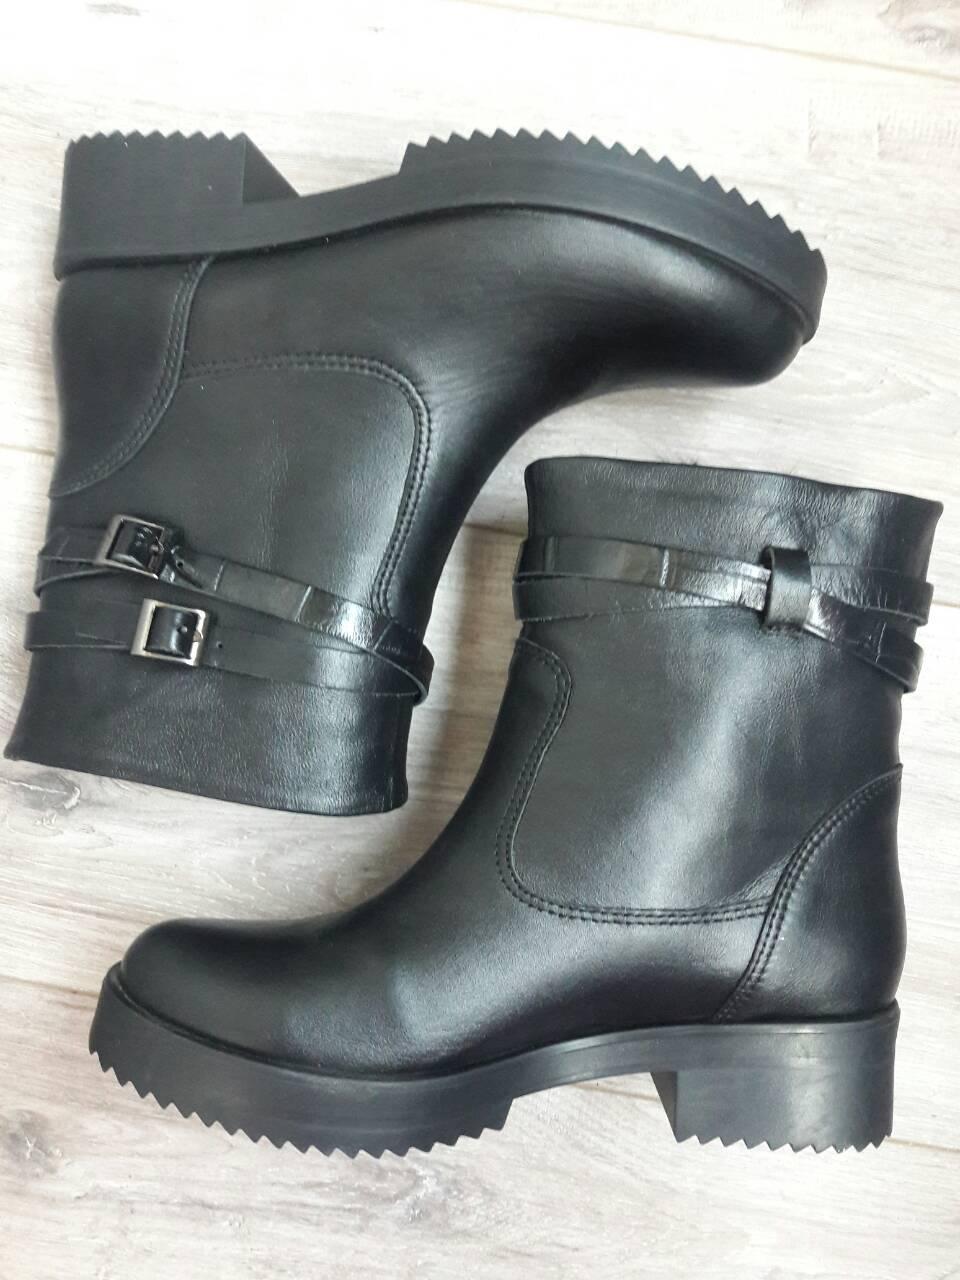 0d8f44c2b Демисезонные Черные Кожаные Ботинки с Двумя Ремешками Р.39. — в ...